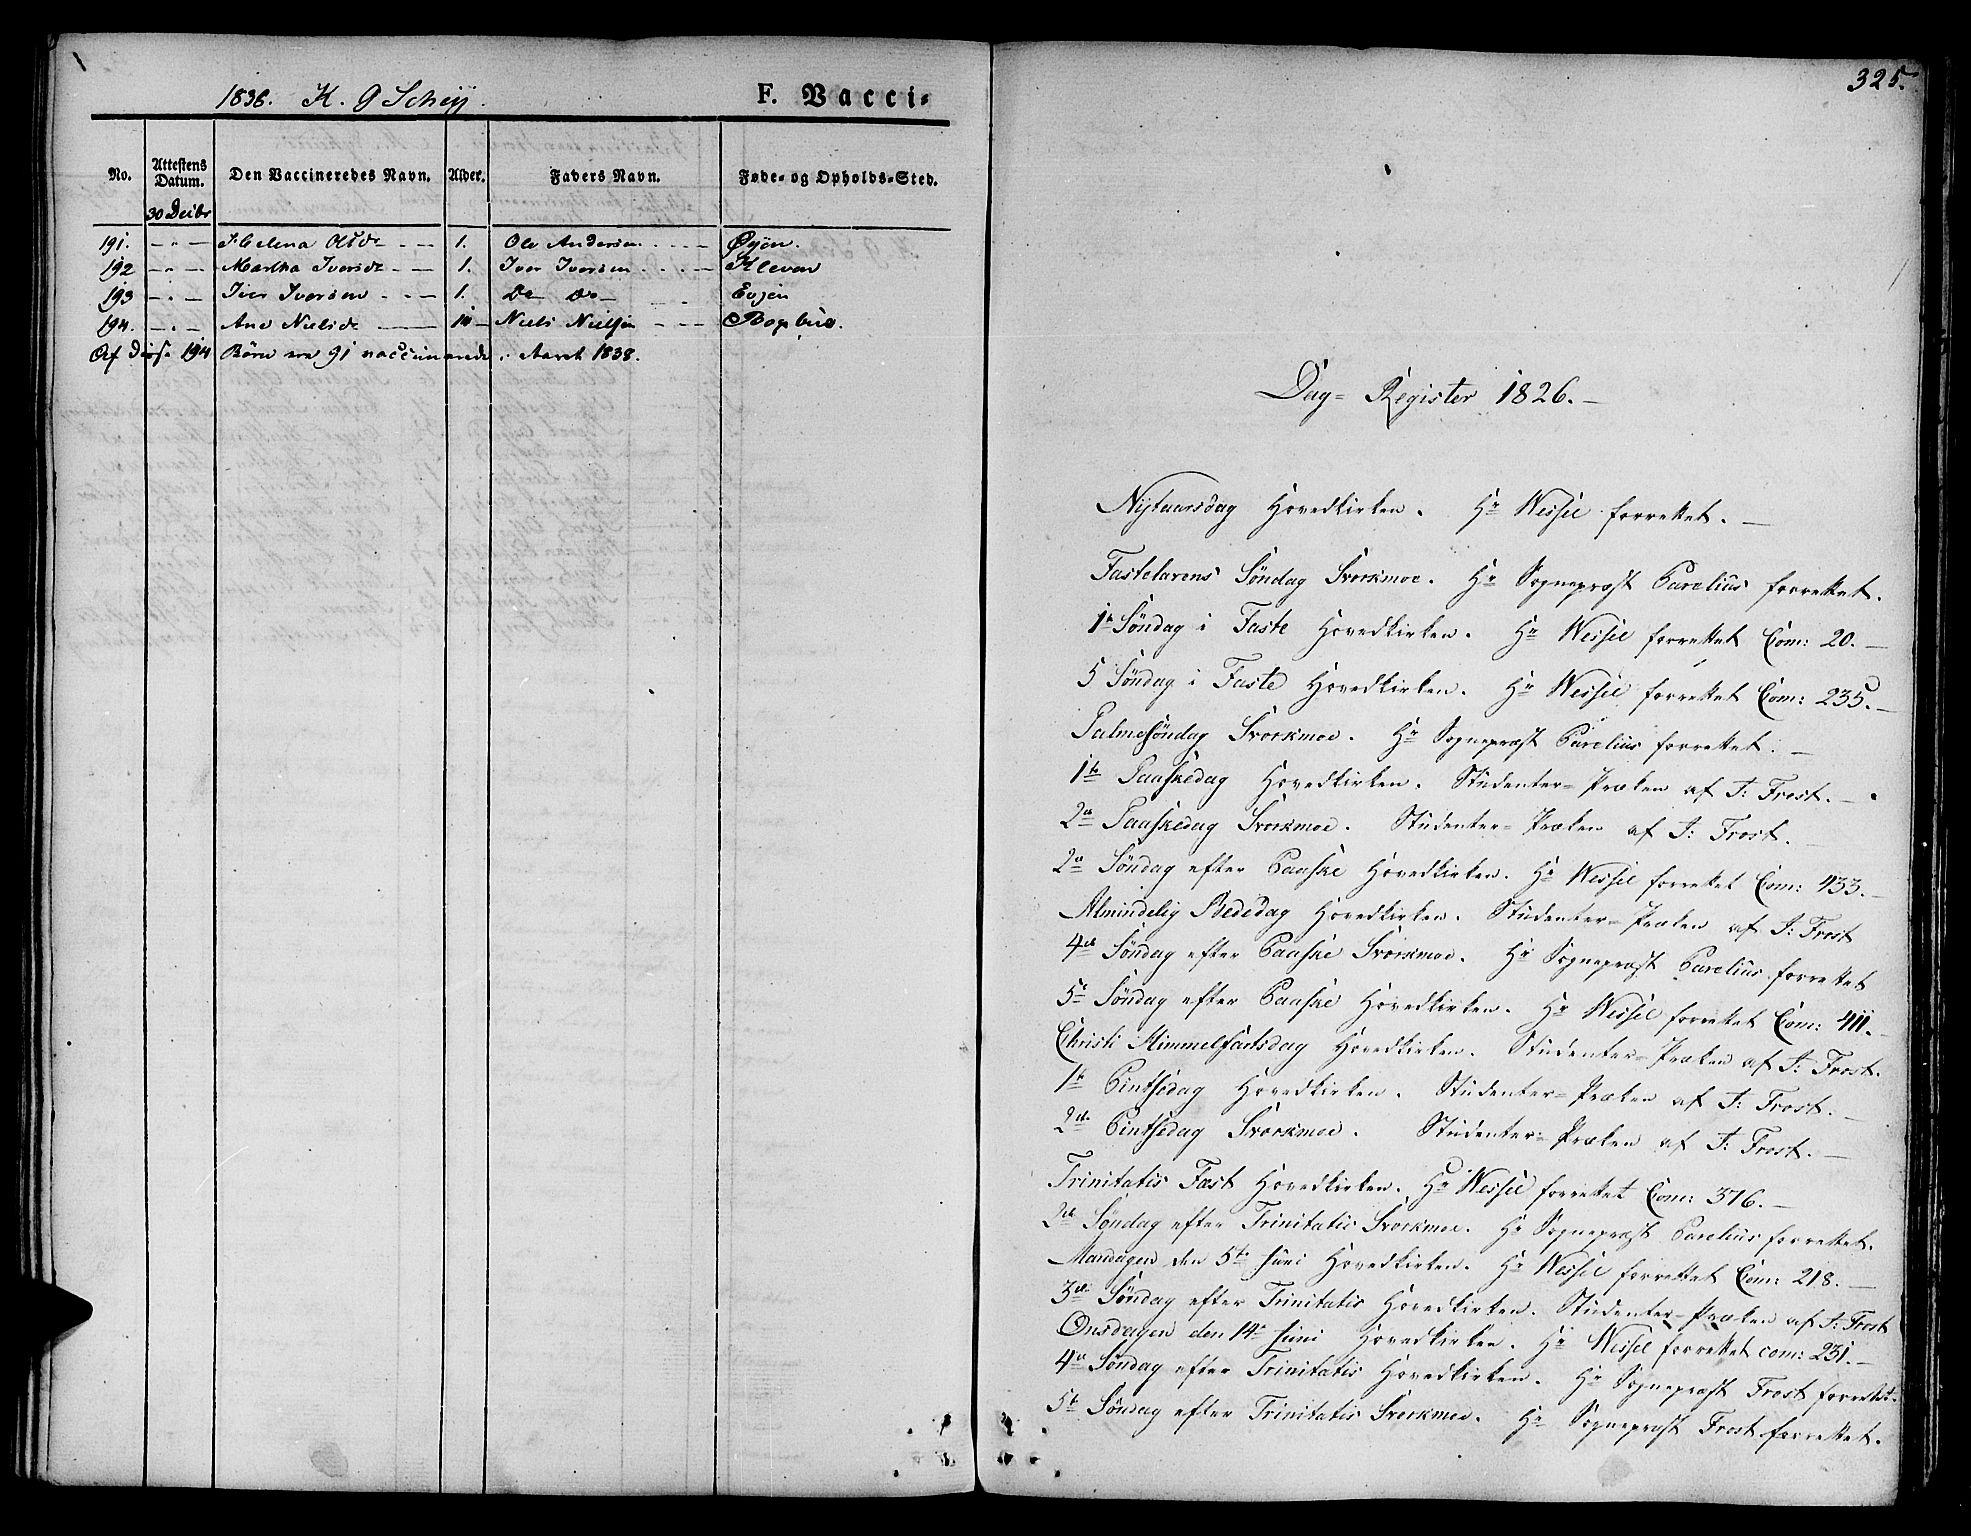 SAT, Ministerialprotokoller, klokkerbøker og fødselsregistre - Sør-Trøndelag, 668/L0804: Ministerialbok nr. 668A04, 1826-1839, s. 325